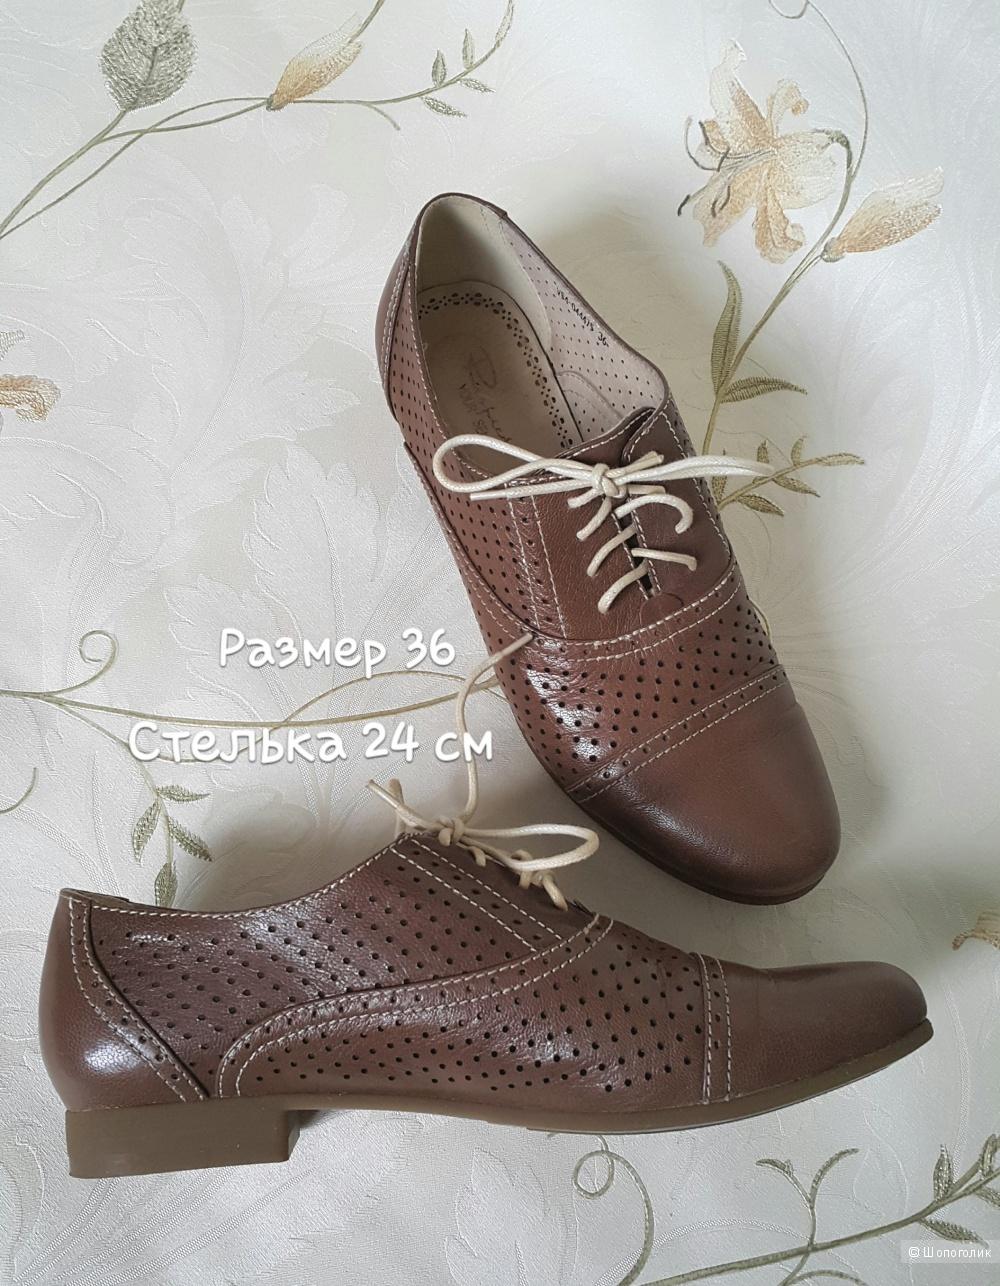 Кожаные ботинки Respect 36р